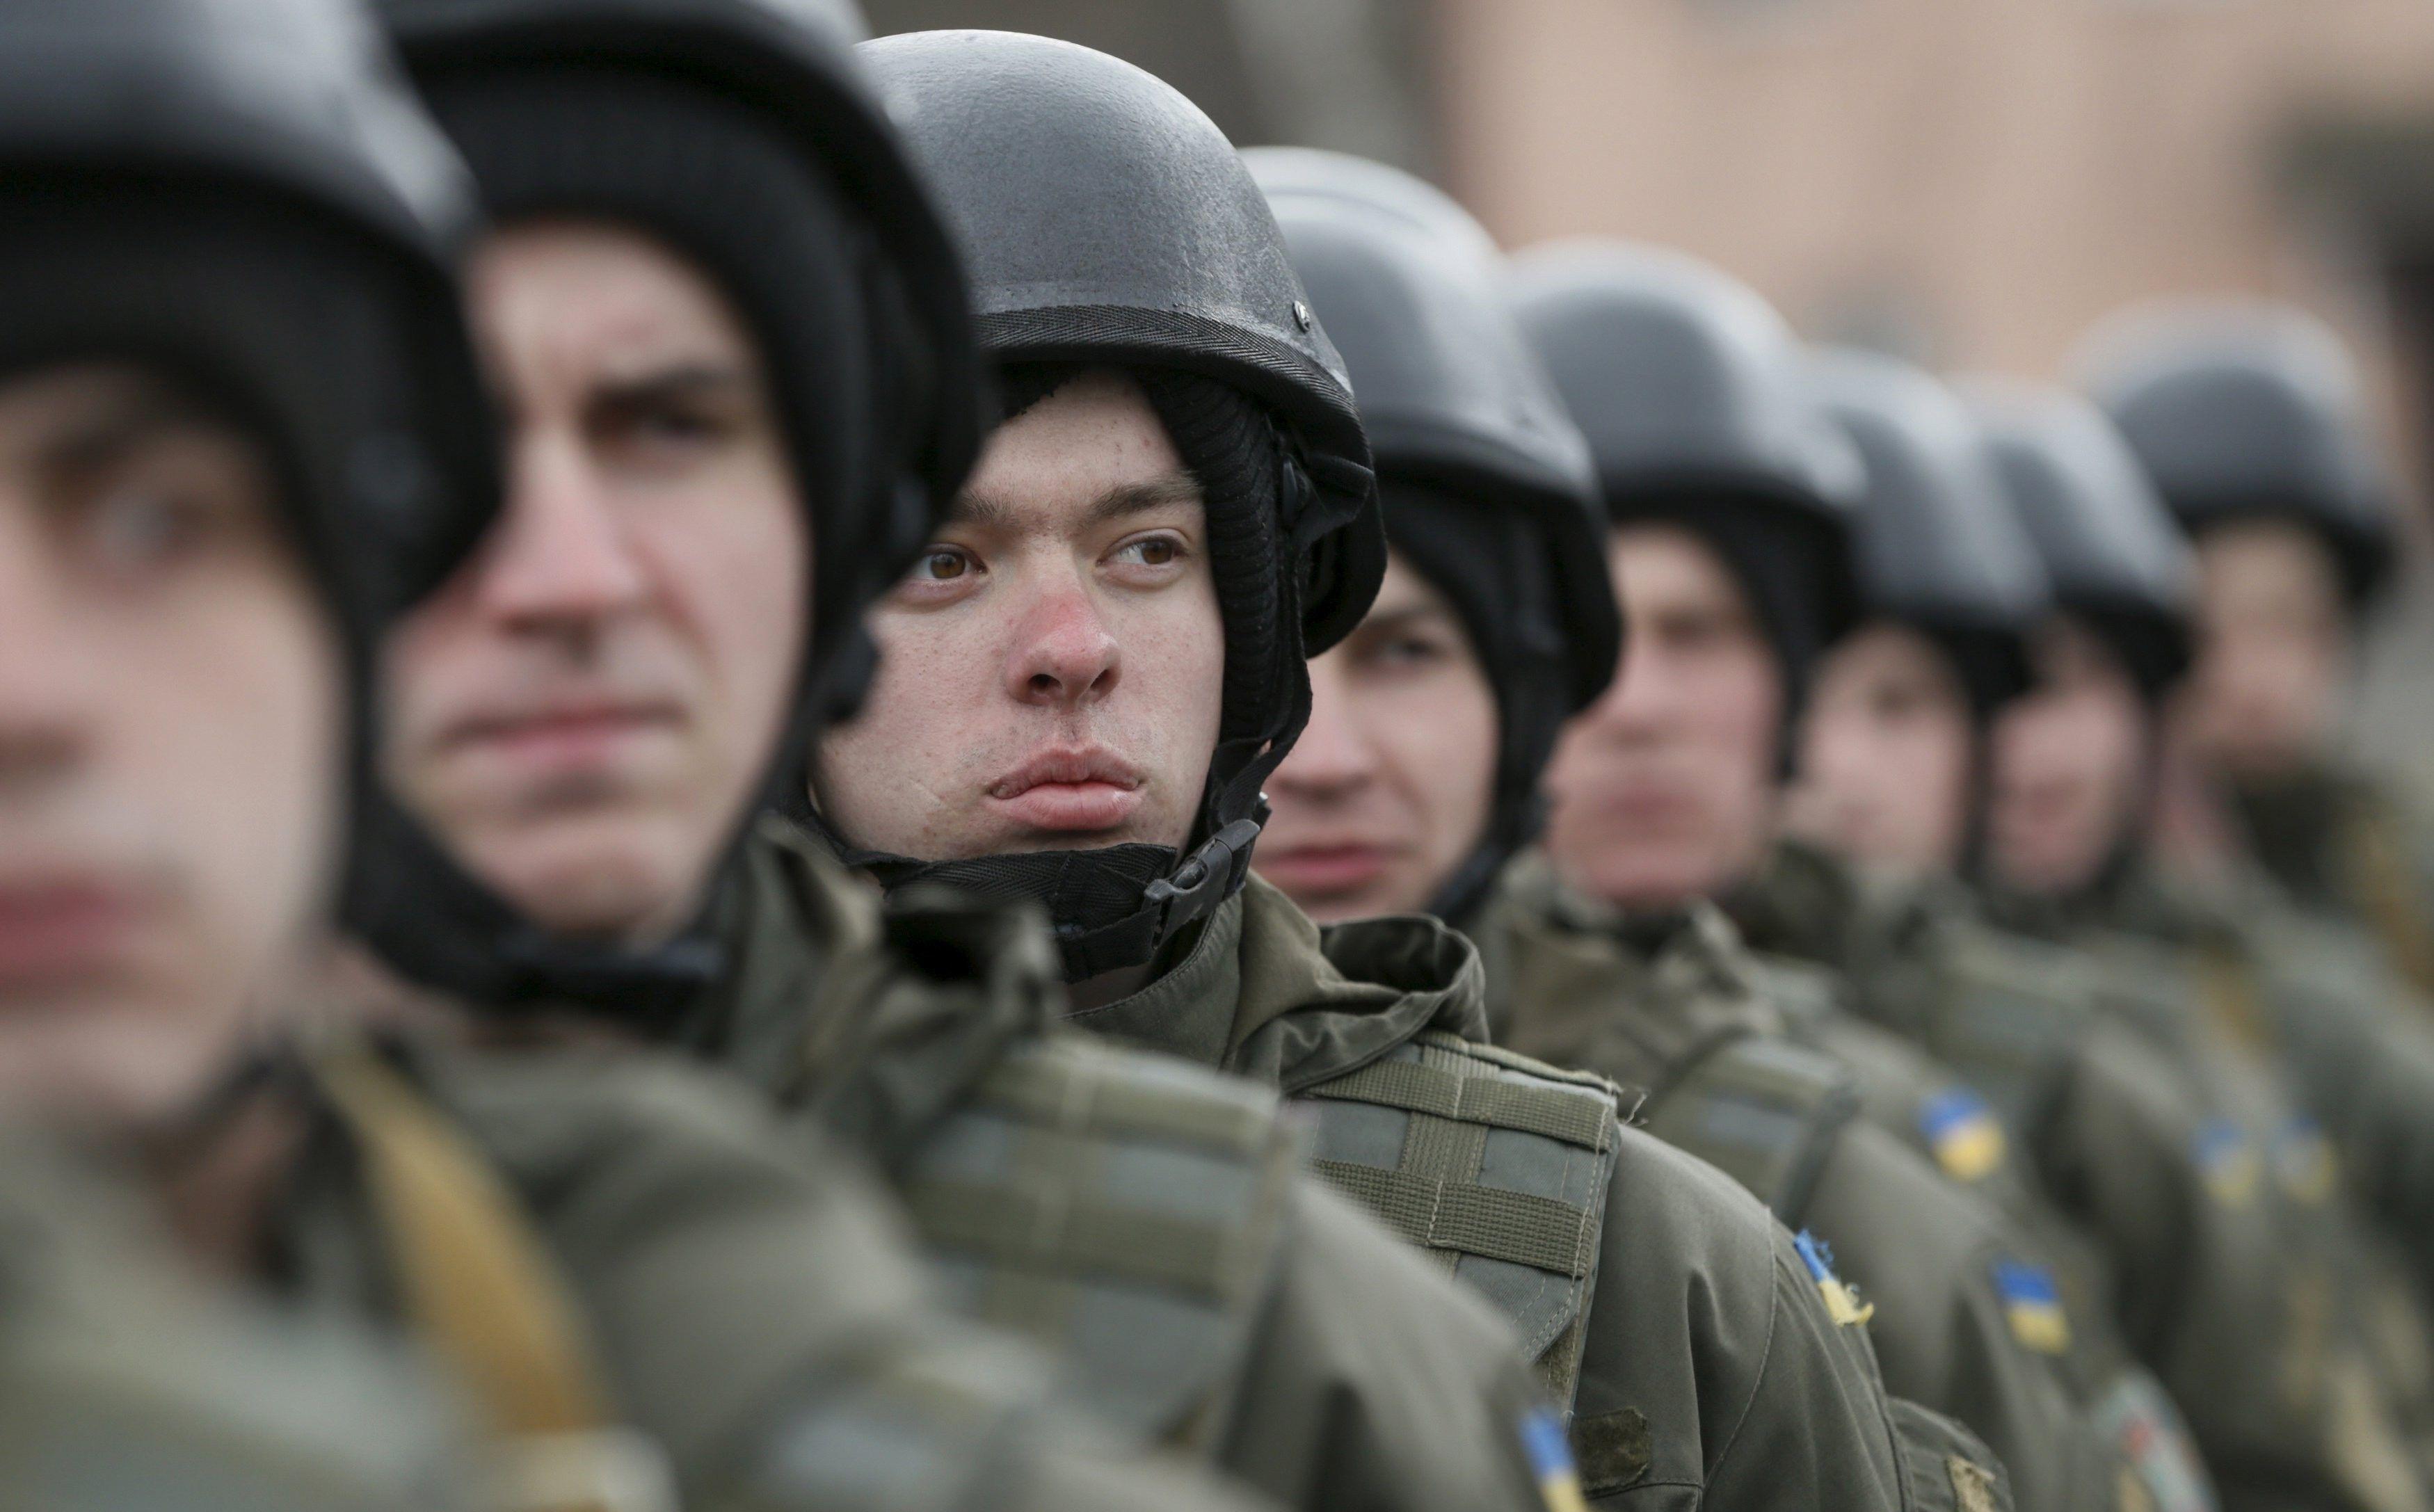 Когда будет мобилизация в украине 2018